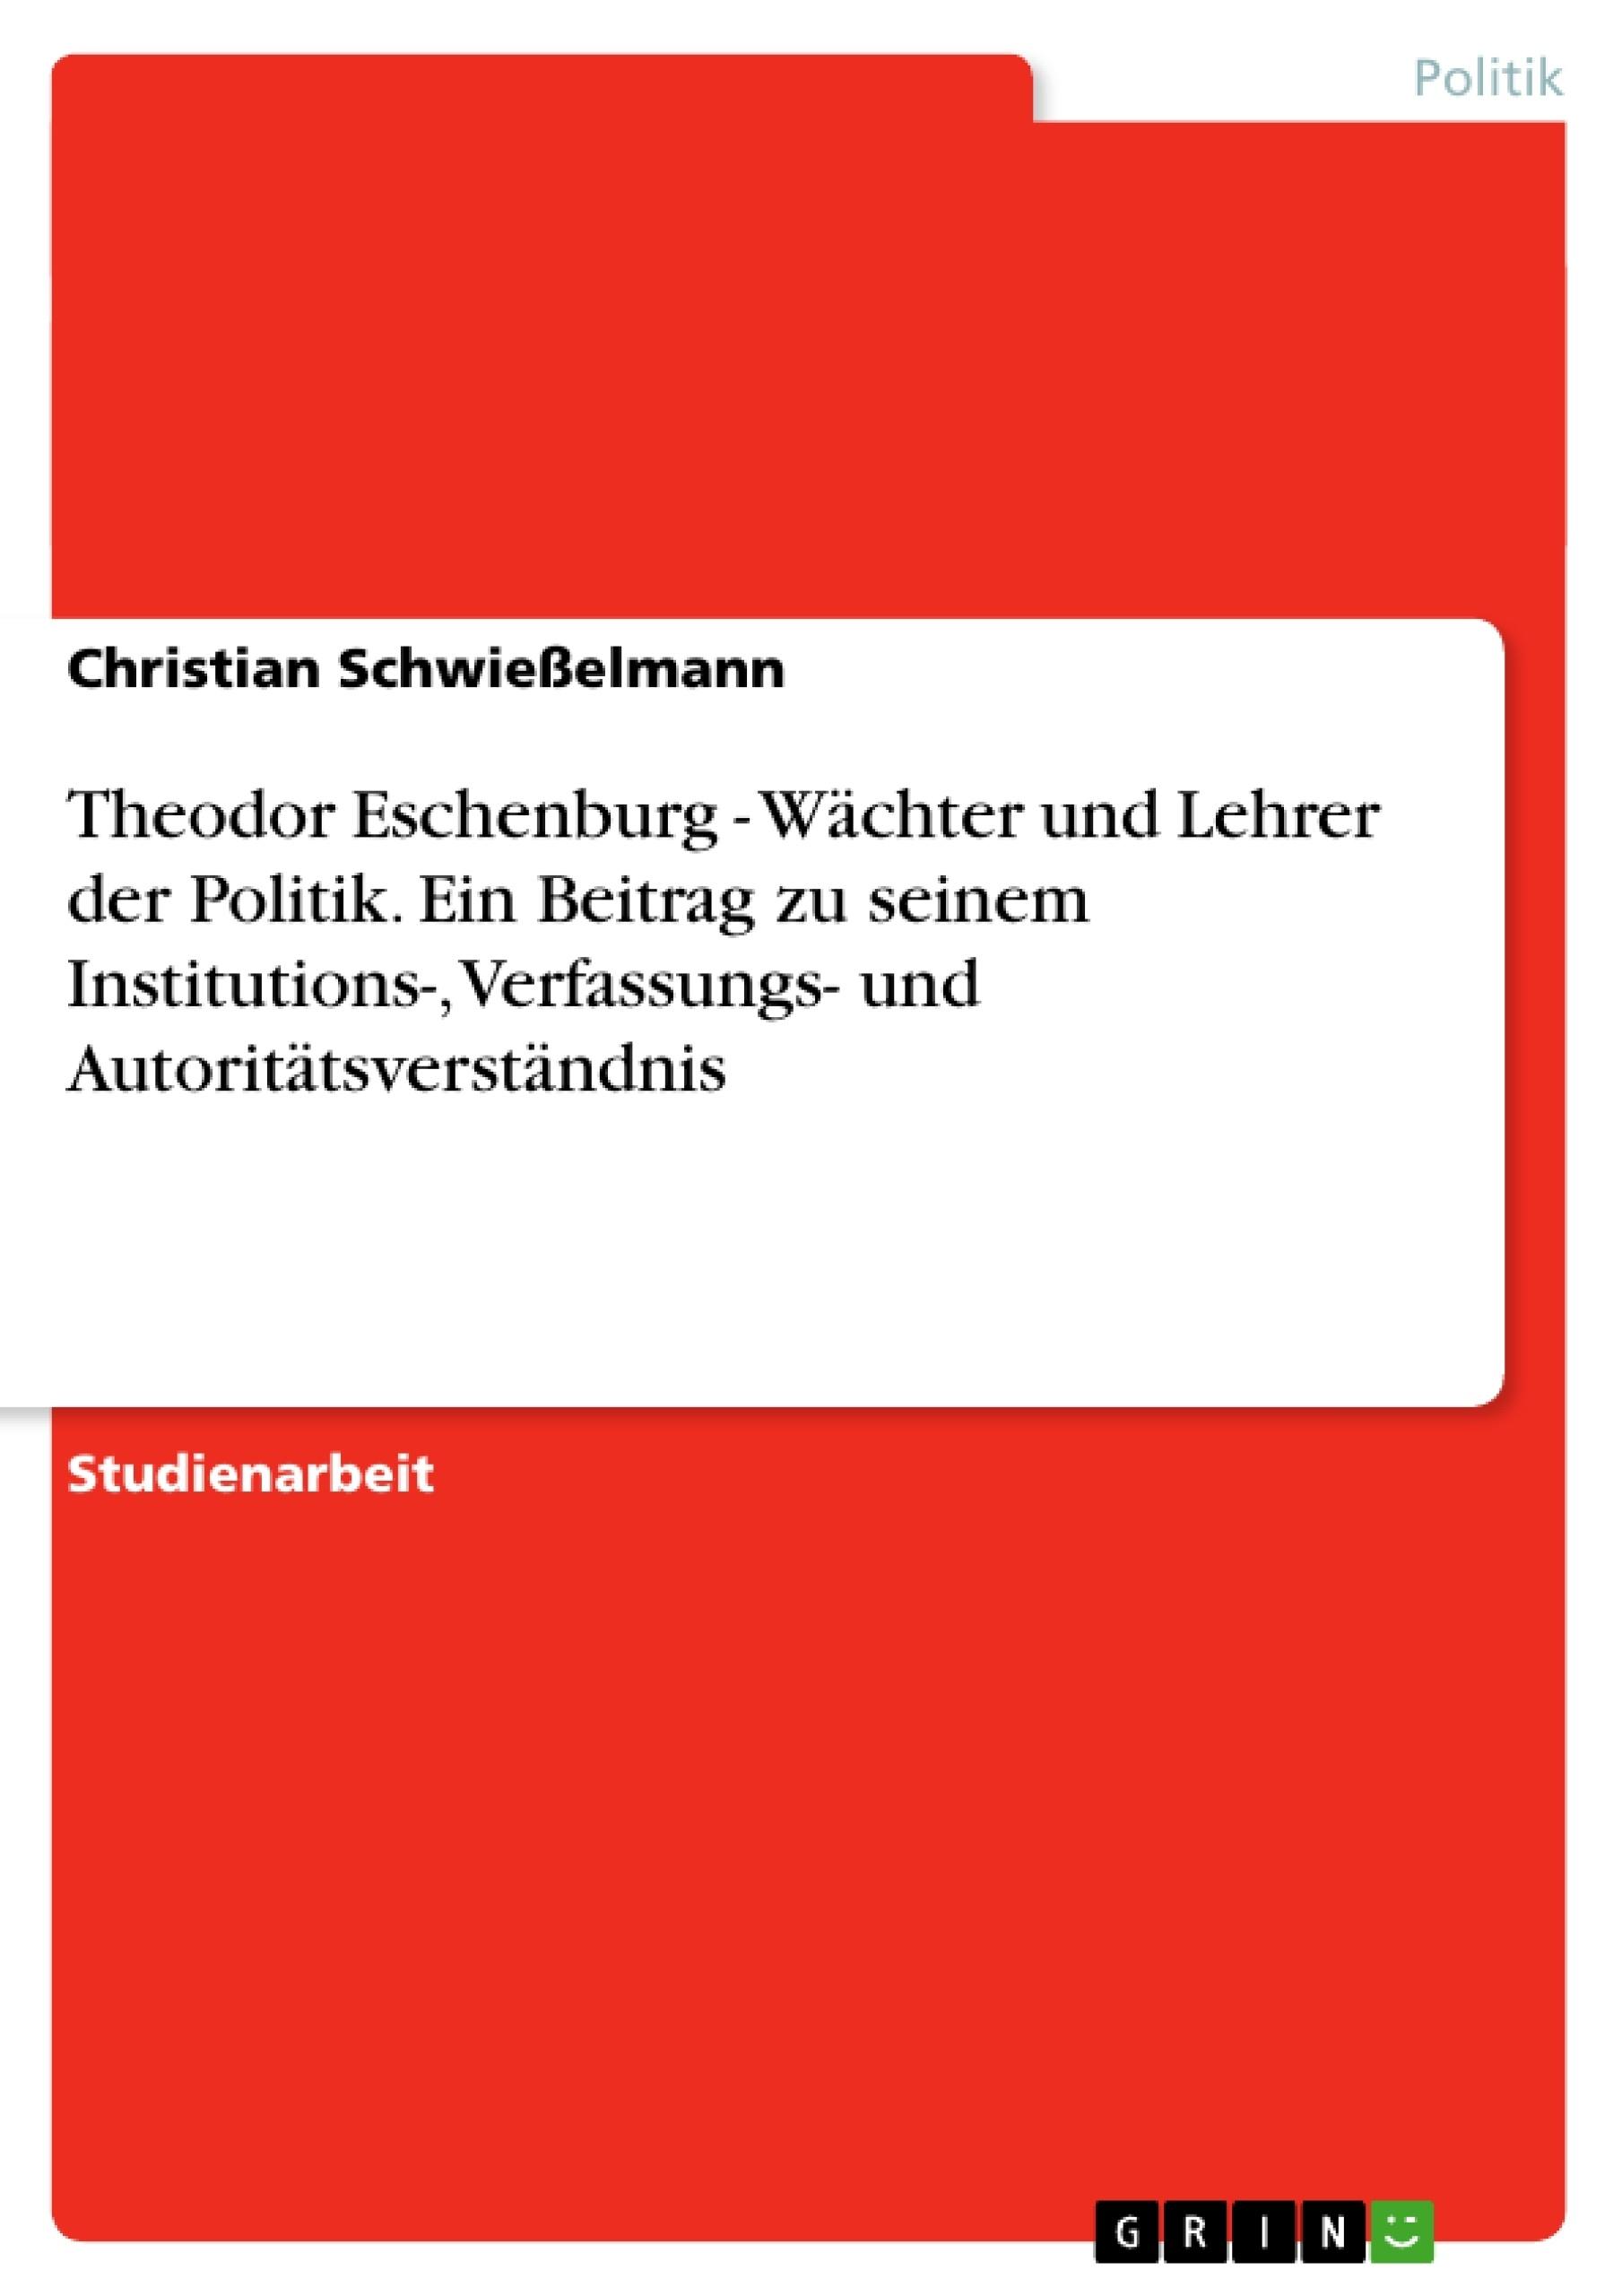 Titel: Theodor Eschenburg - Wächter und Lehrer der Politik. Ein Beitrag zu seinem Institutions-, Verfassungs- und Autoritätsverständnis